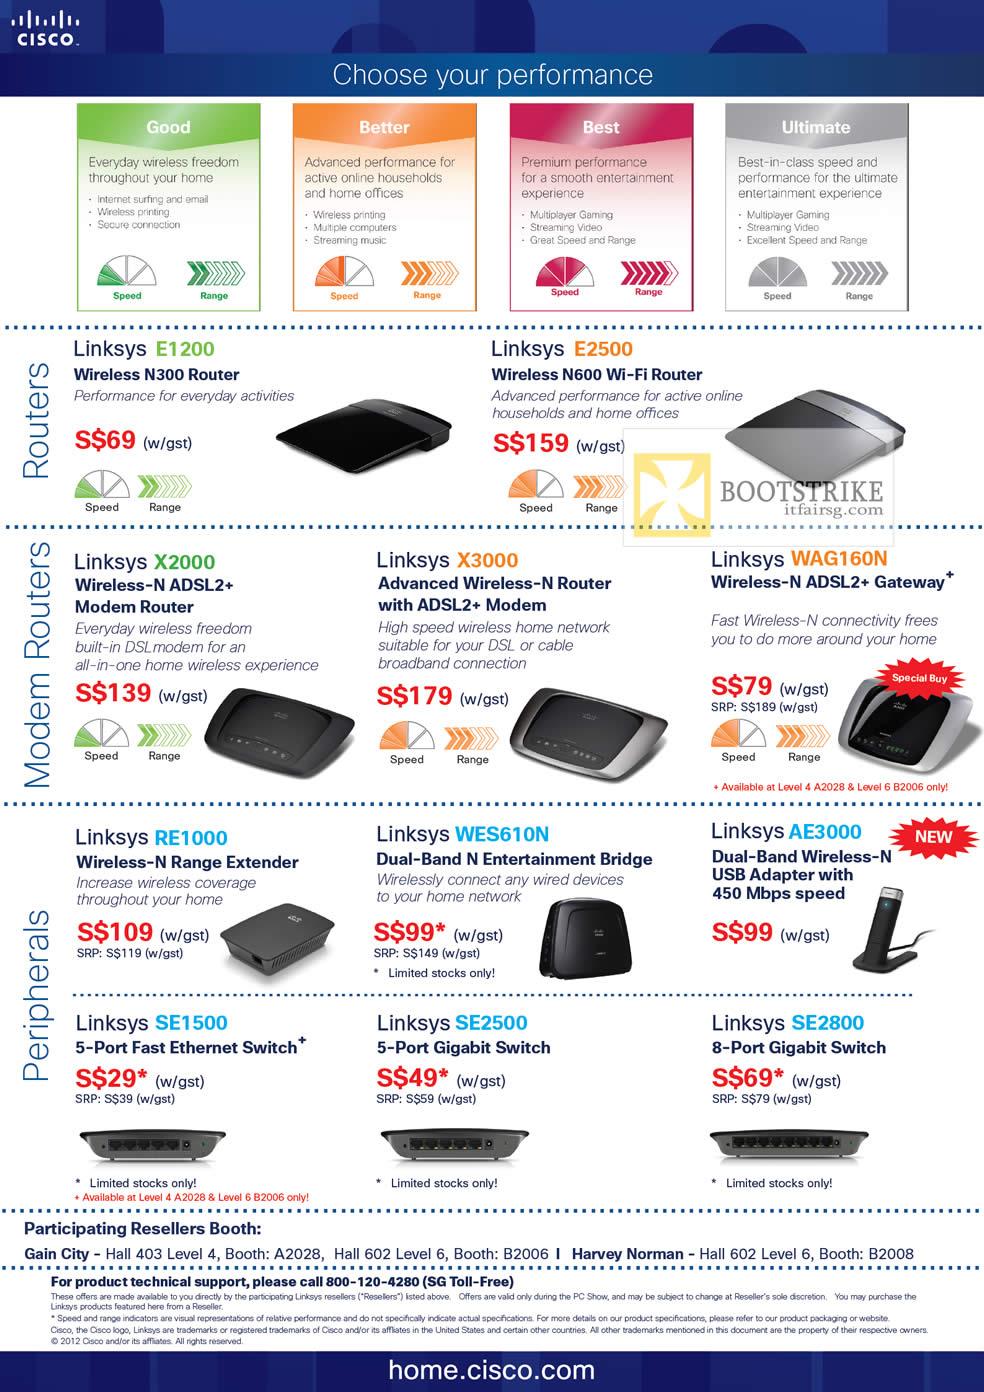 Cisco Linksys Wireless Router E1200 E2500, Modem X2000